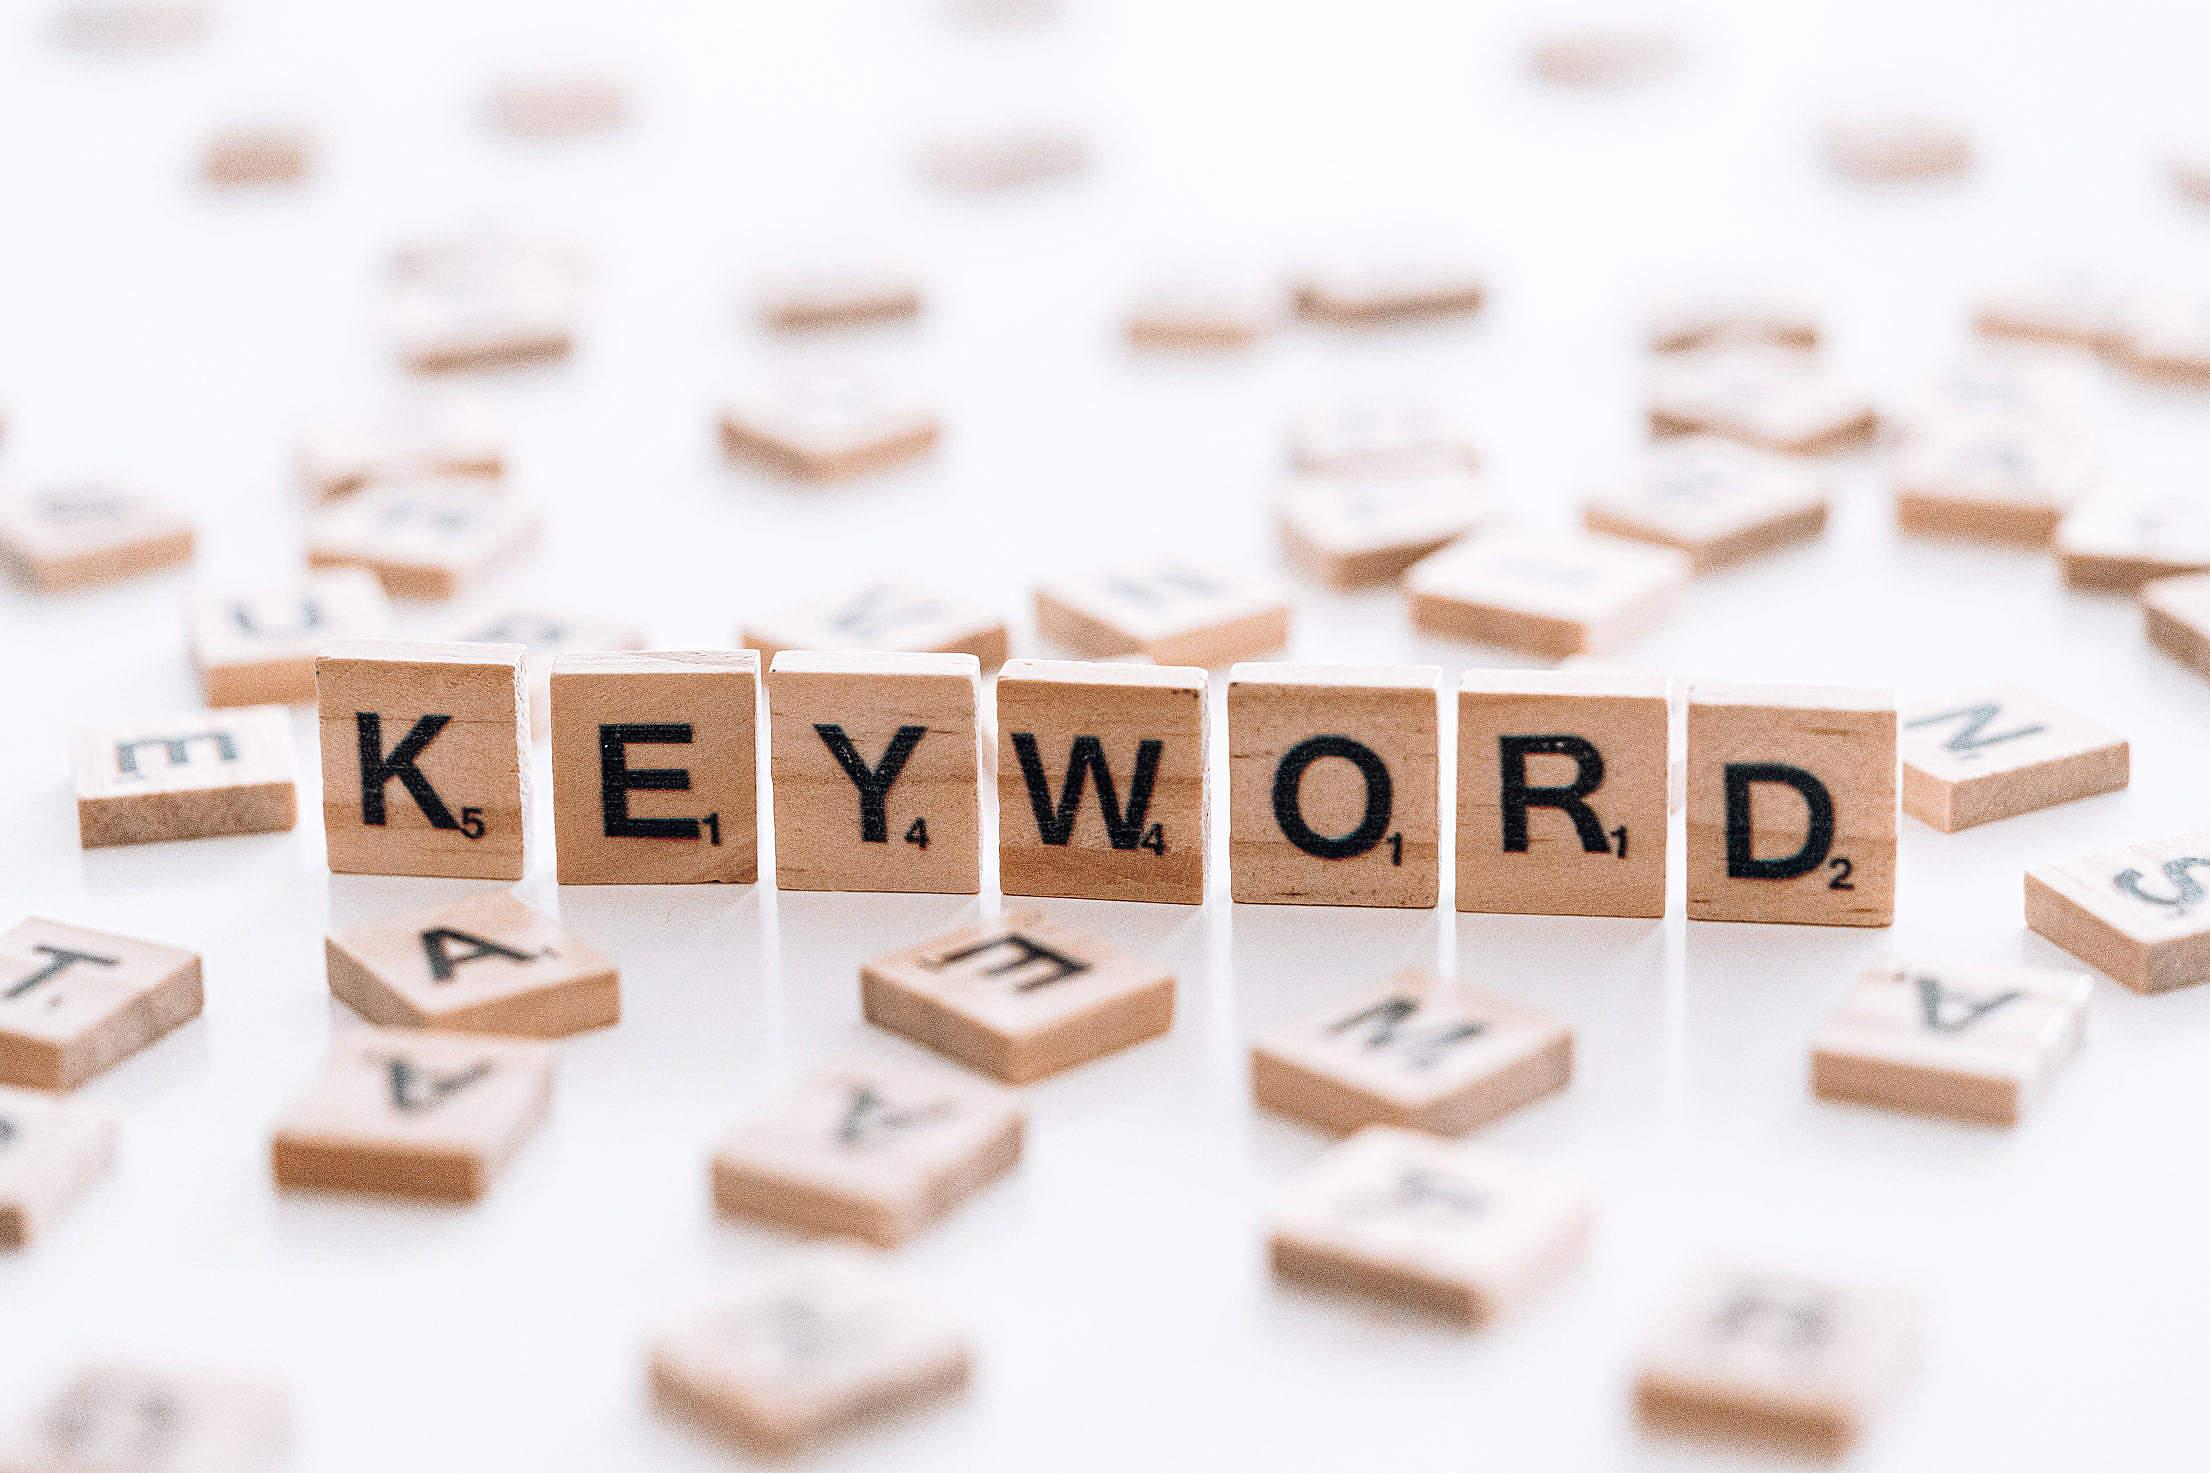 Keyword Free Stock Photo